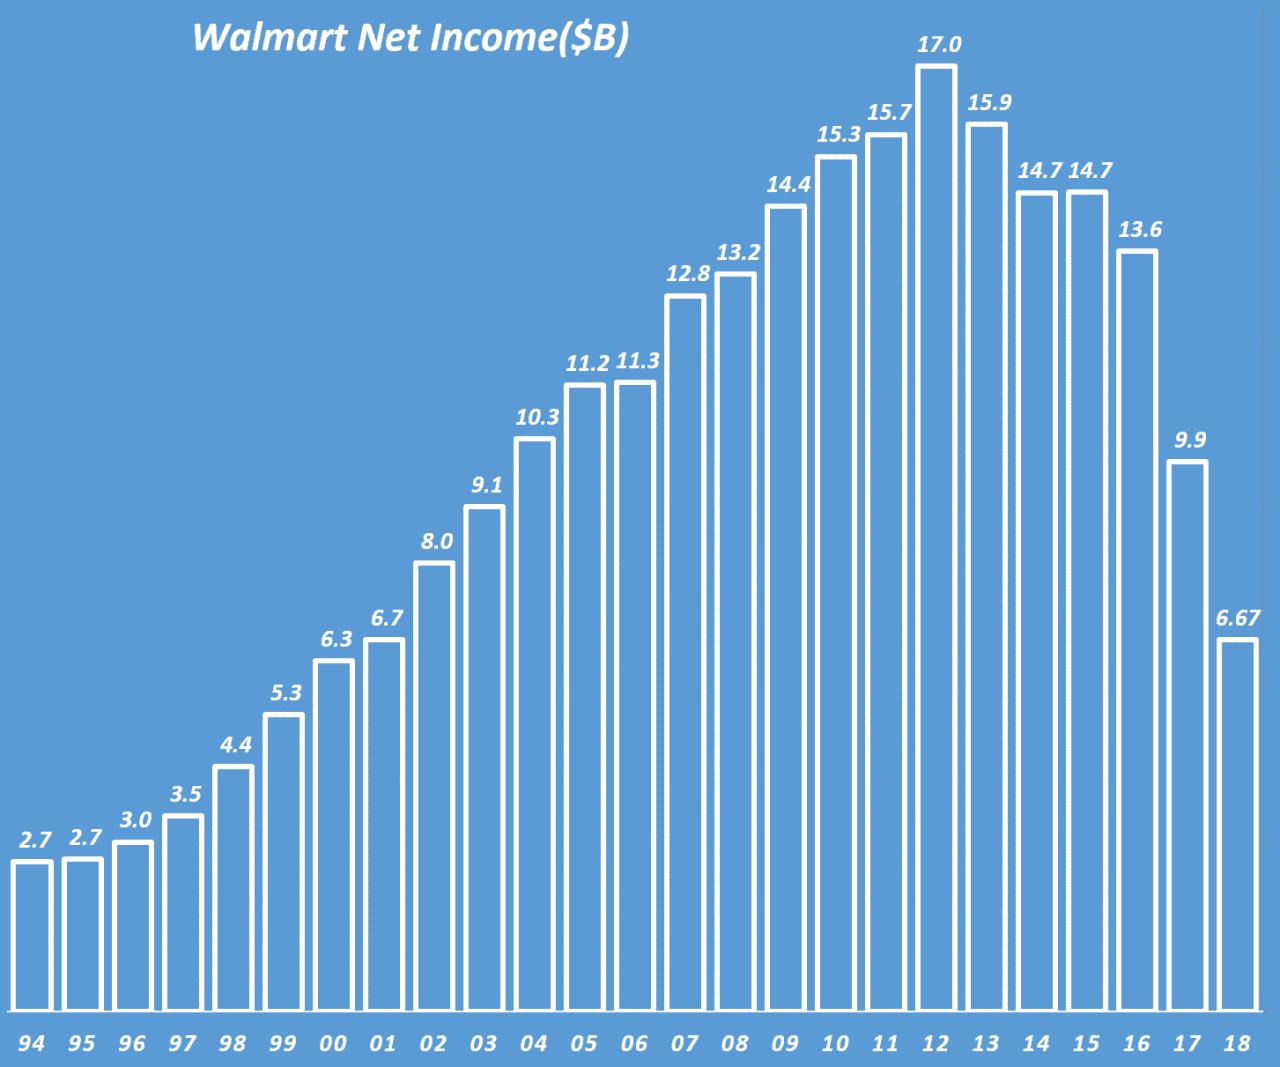 월마트 연도별 순이익 추이(1994년 ~ 2018년), Walmart yearly Net Income, Graph by Happist